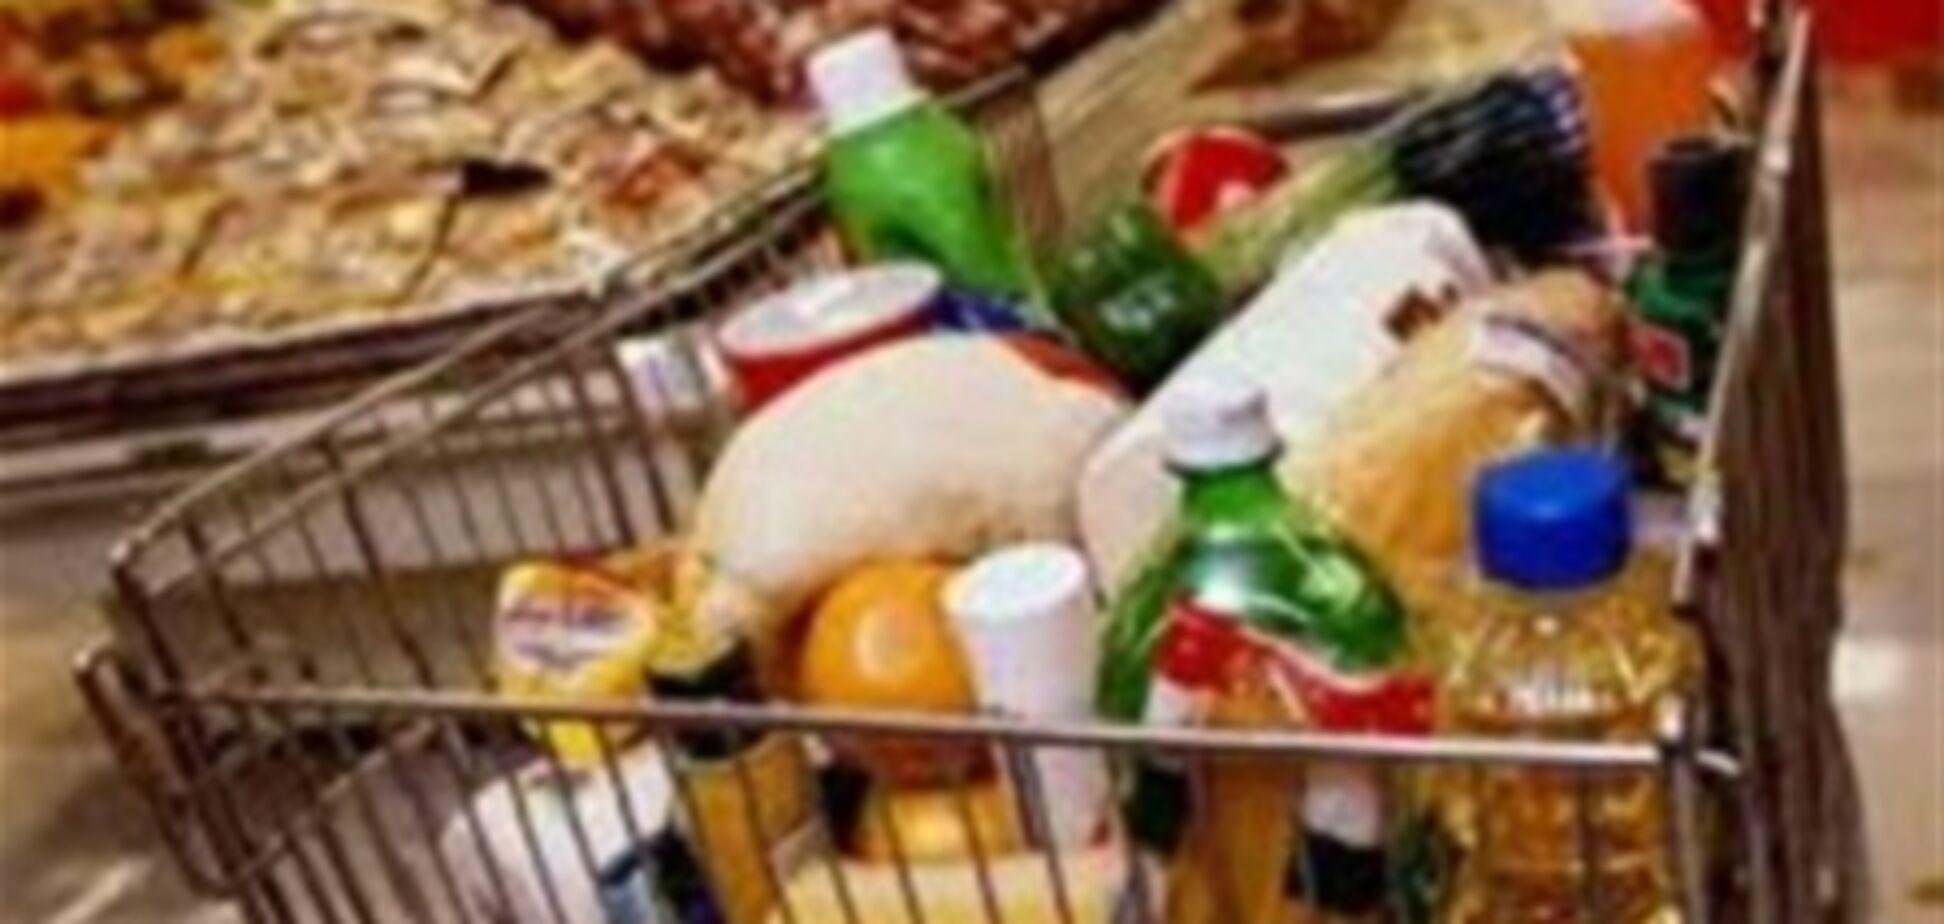 На Харківщині зняли з продажу 9 тонн небезпечних для життя продуктів